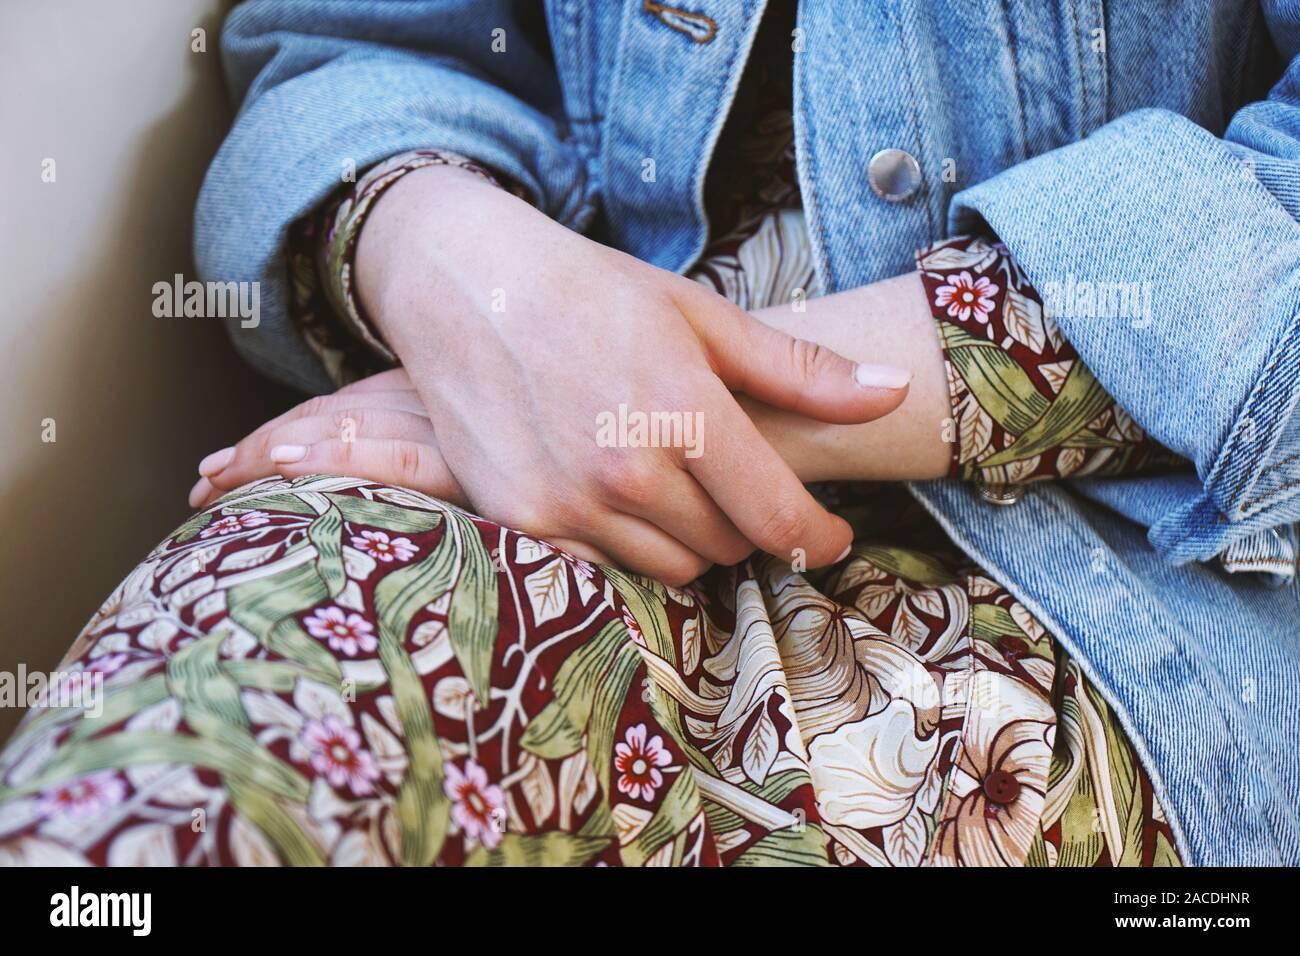 La sezione centrale della giovane donna che indossa il denim camicia al di sopra gli abiti estivi con motivo floreale - close-up di mani femminili ripiegato nel suo giro Foto Stock